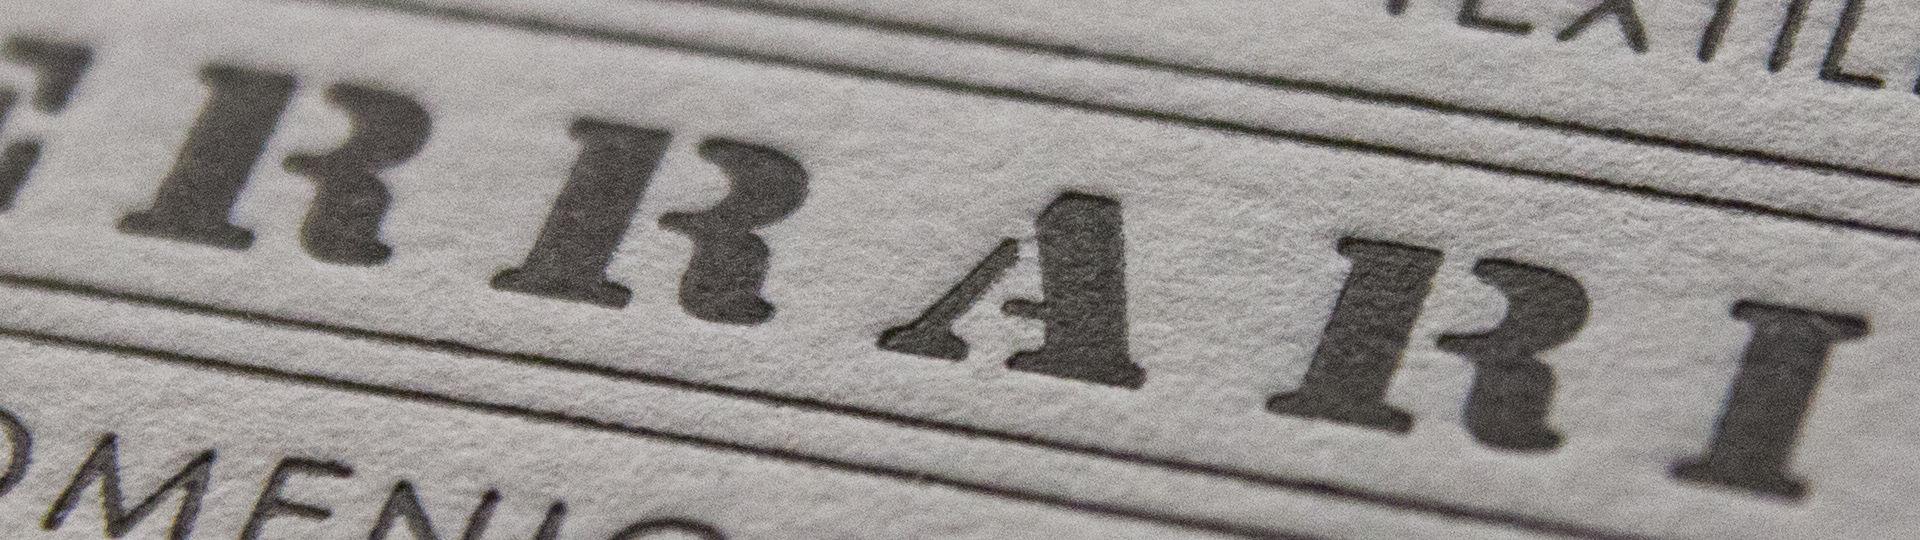 stampa letterpress con bassorilievo